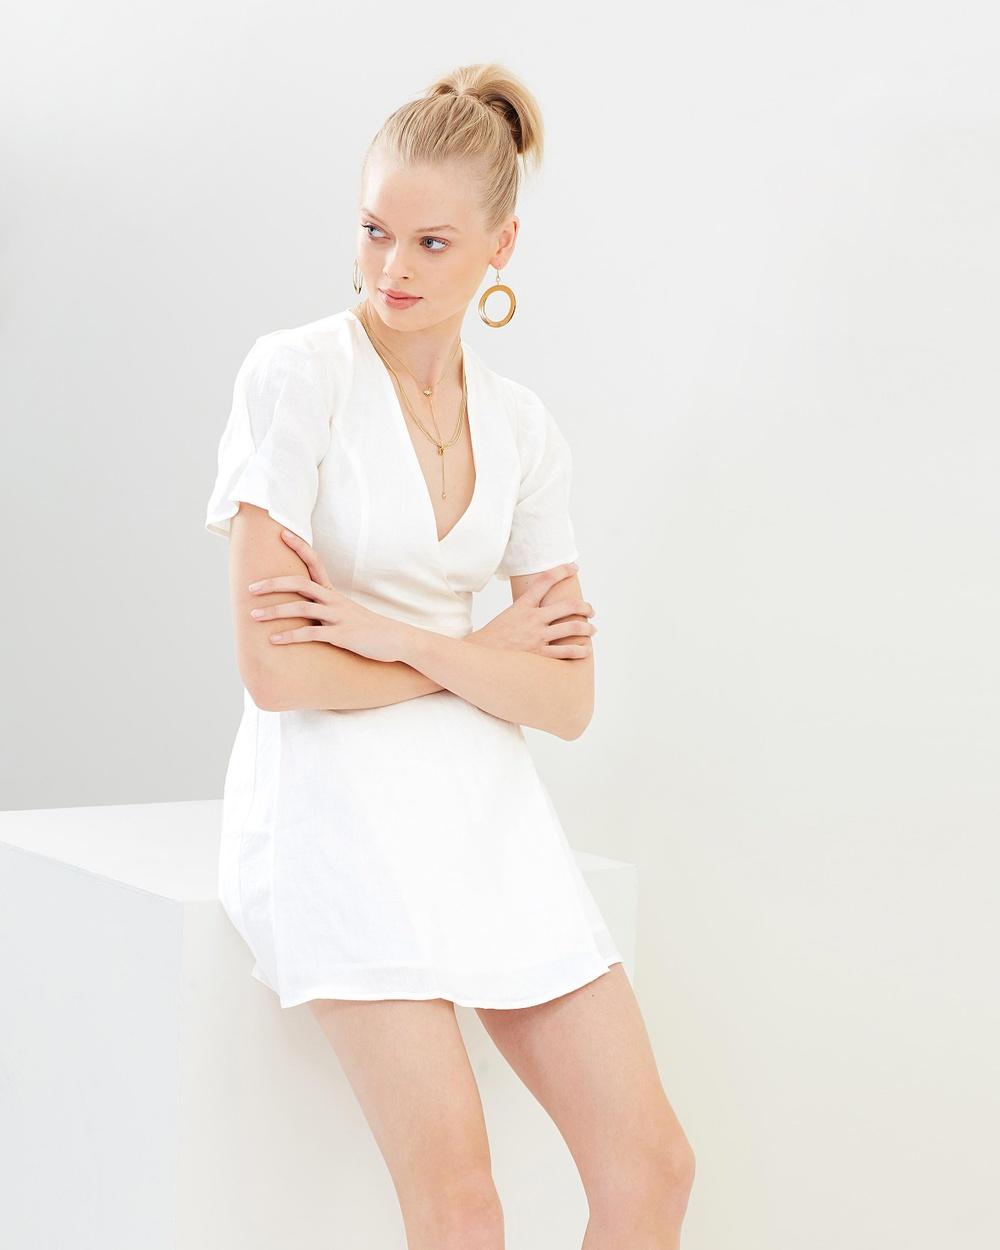 Hansen & Gretel Belle Linen Dress Dresses White Belle Linen Dress